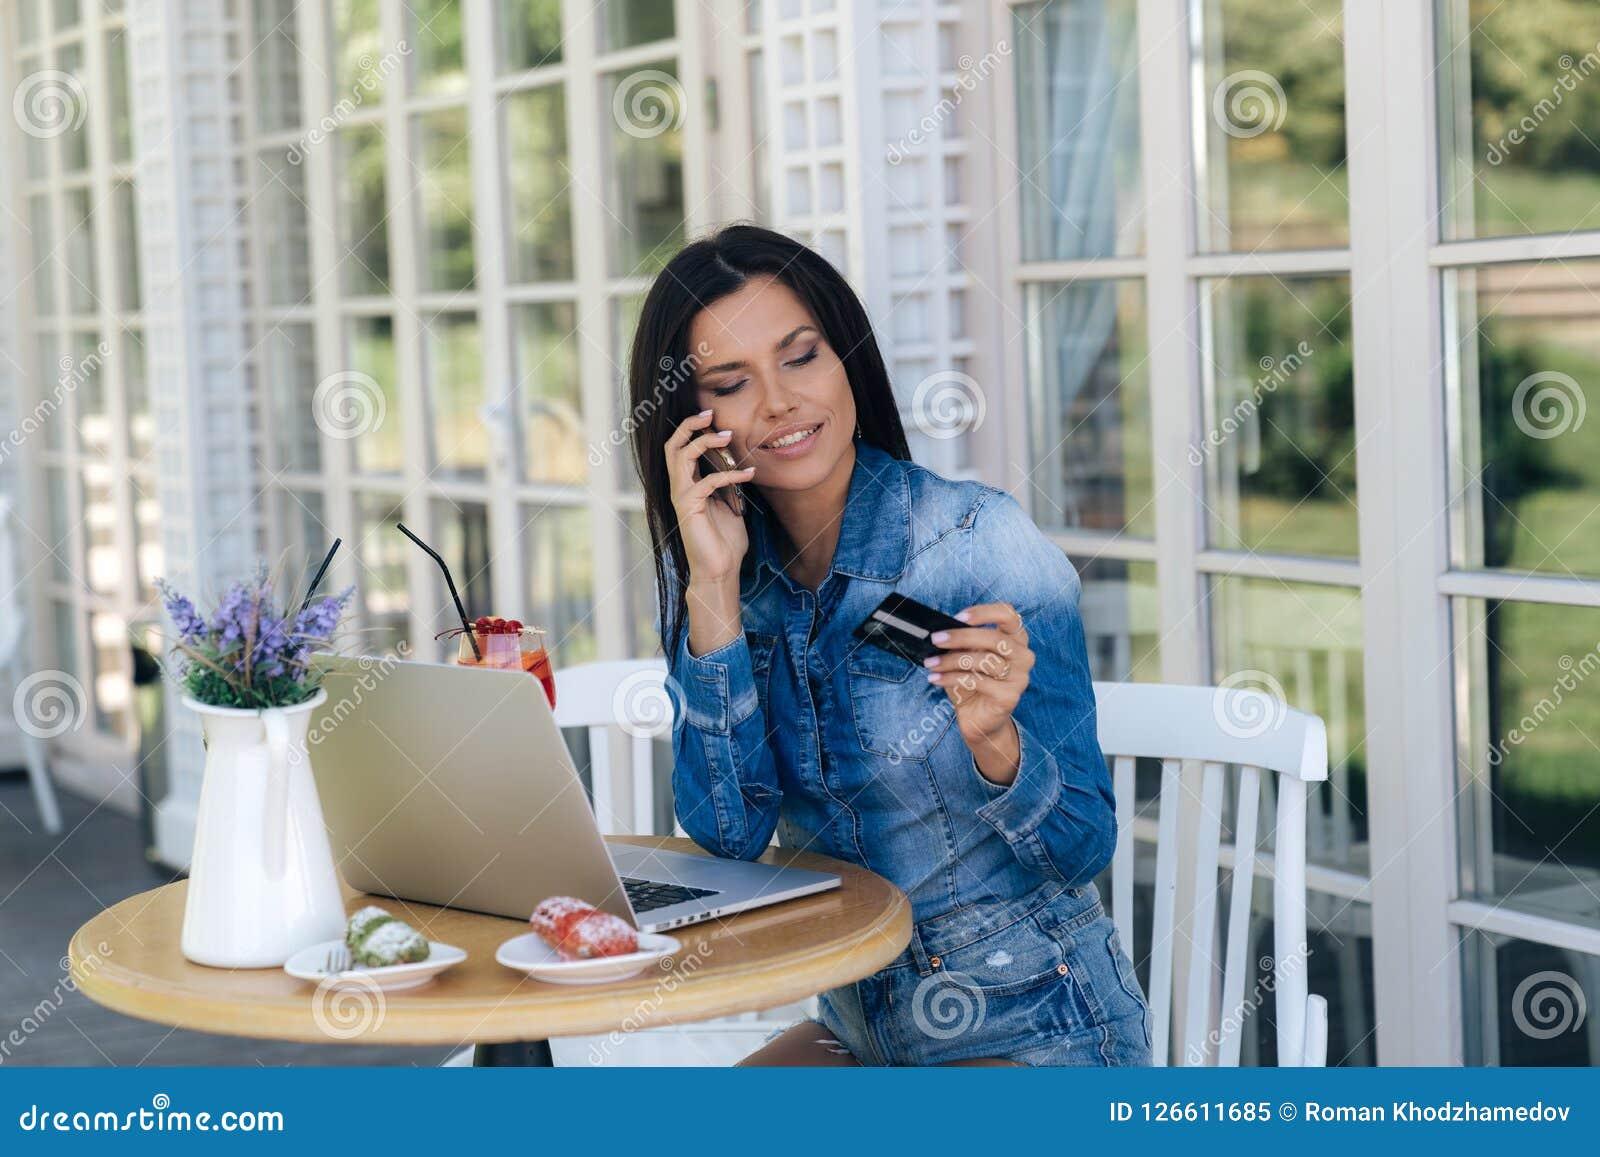 美丽的年轻欧洲女服时髦的衣裳,坐在咖啡馆的一张桌上,使用膝上型计算机,喝可口